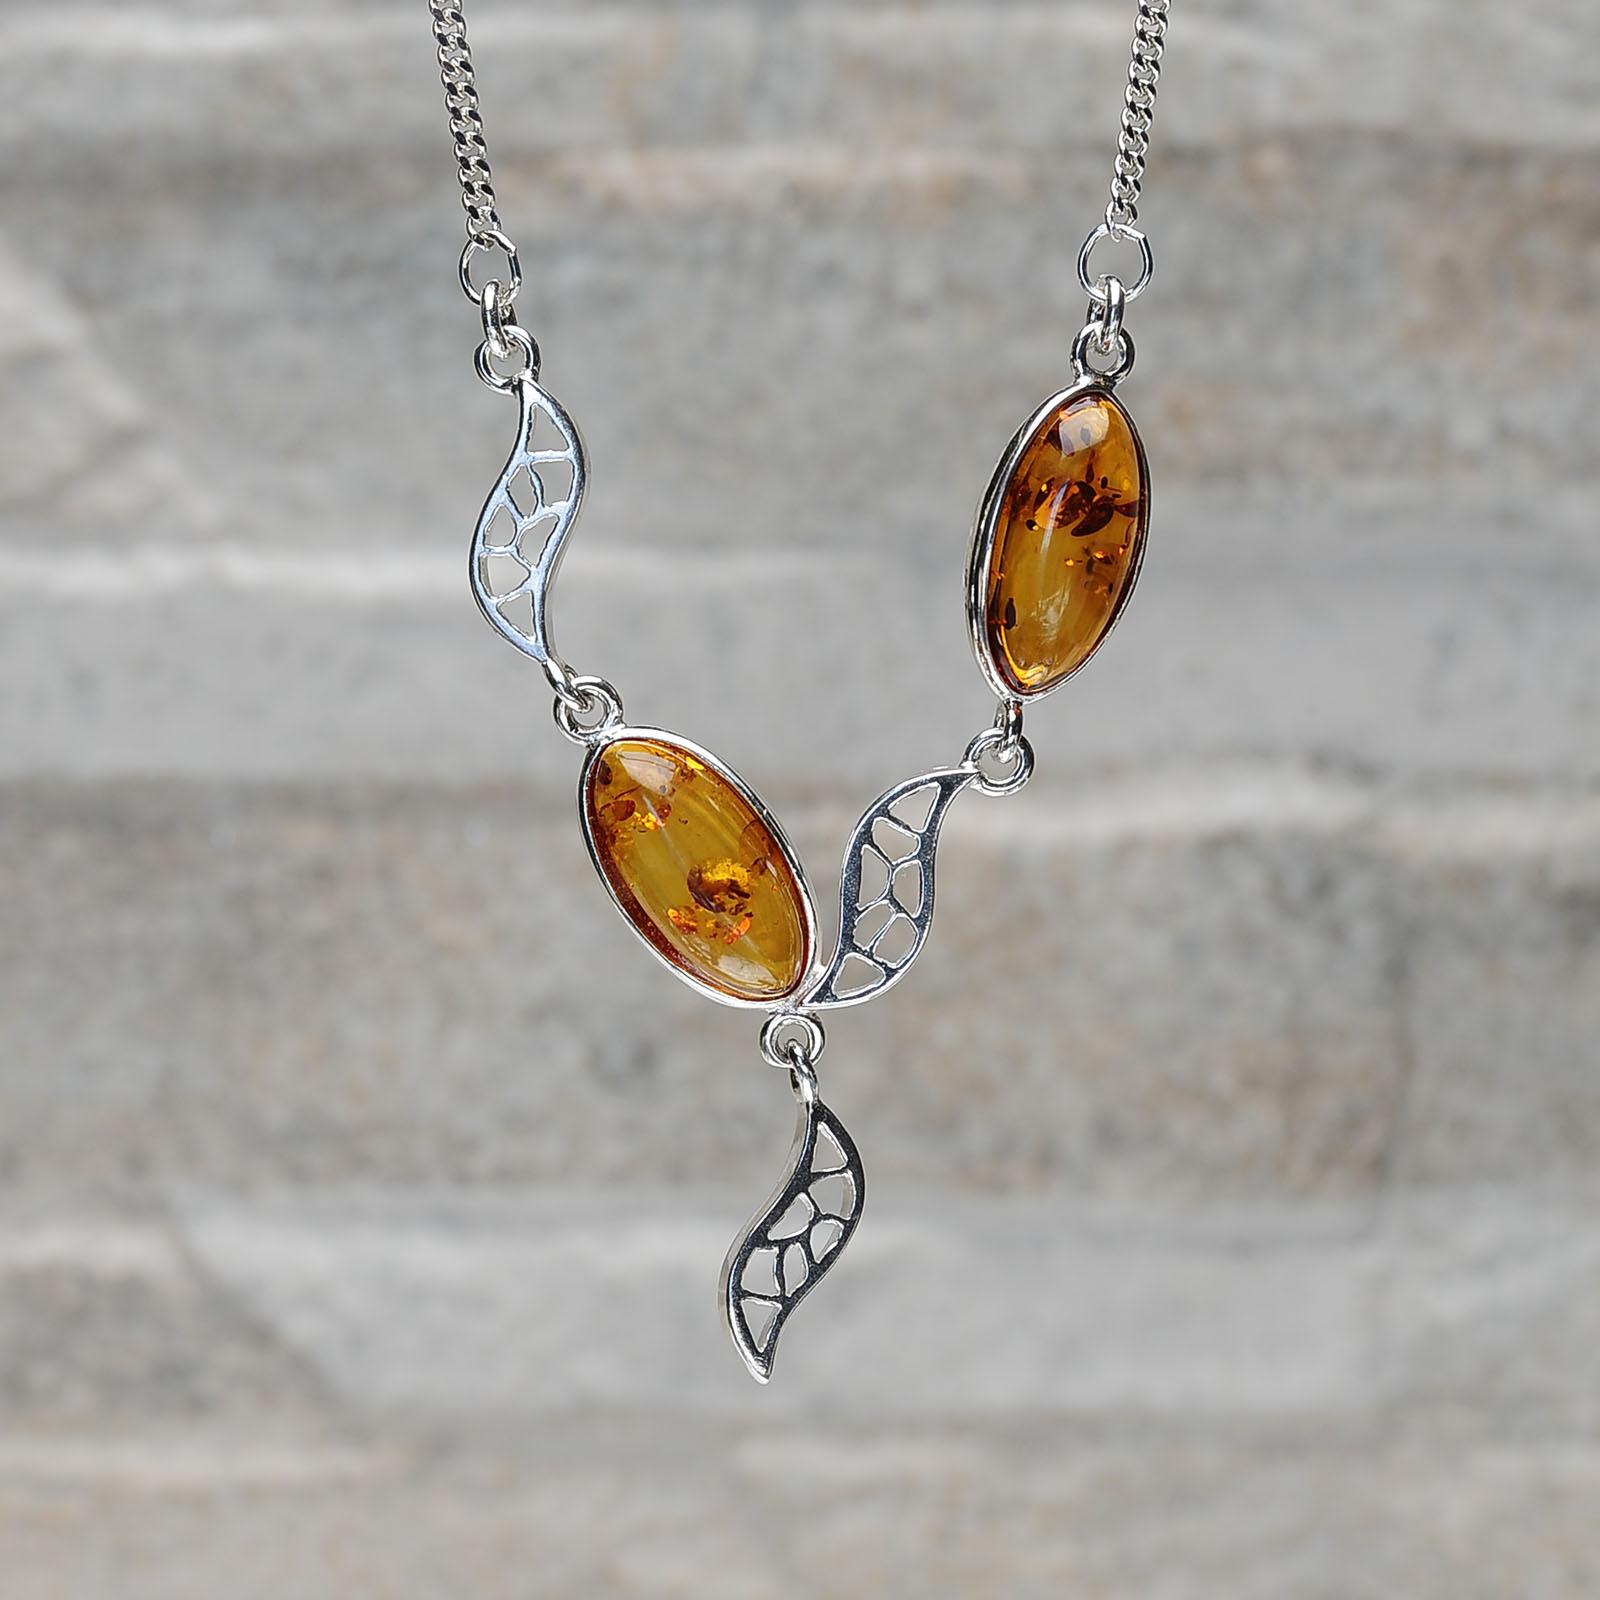 Collana argento 925 con ambra